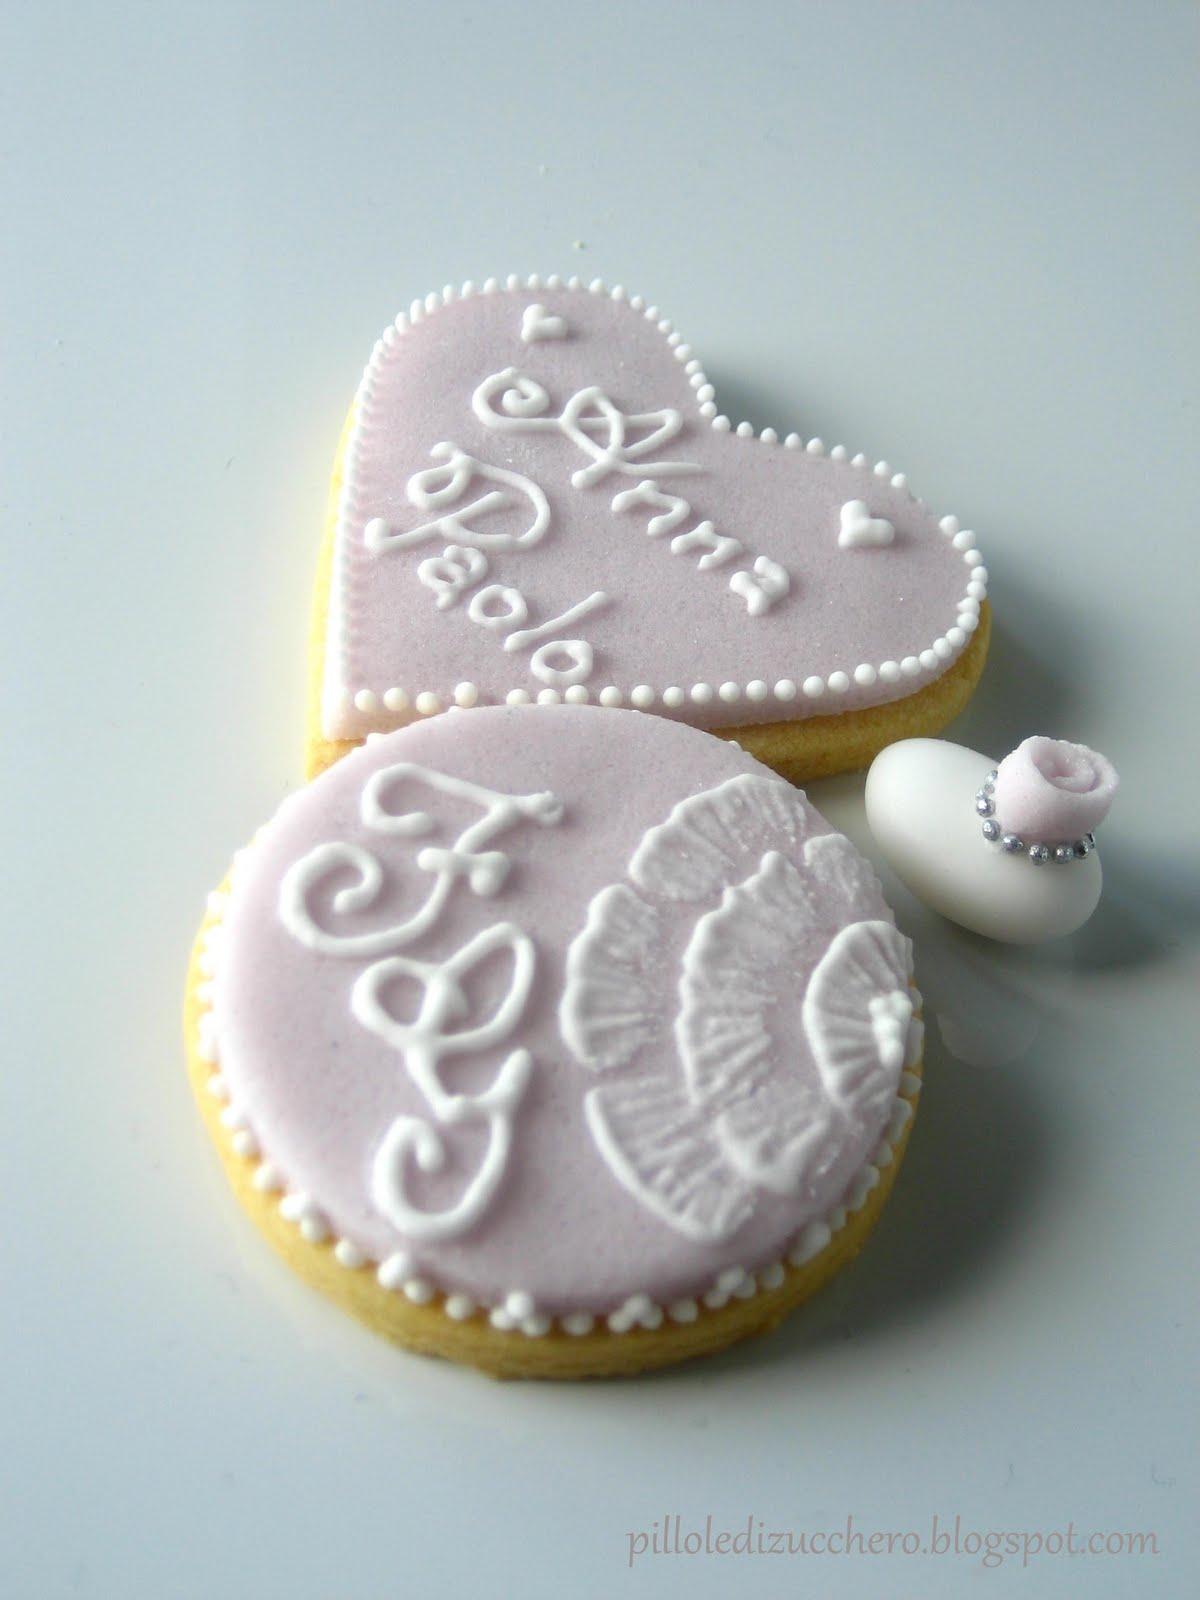 Favorito biscotti segnaposto matrimonio | pillole di zucchero NU23